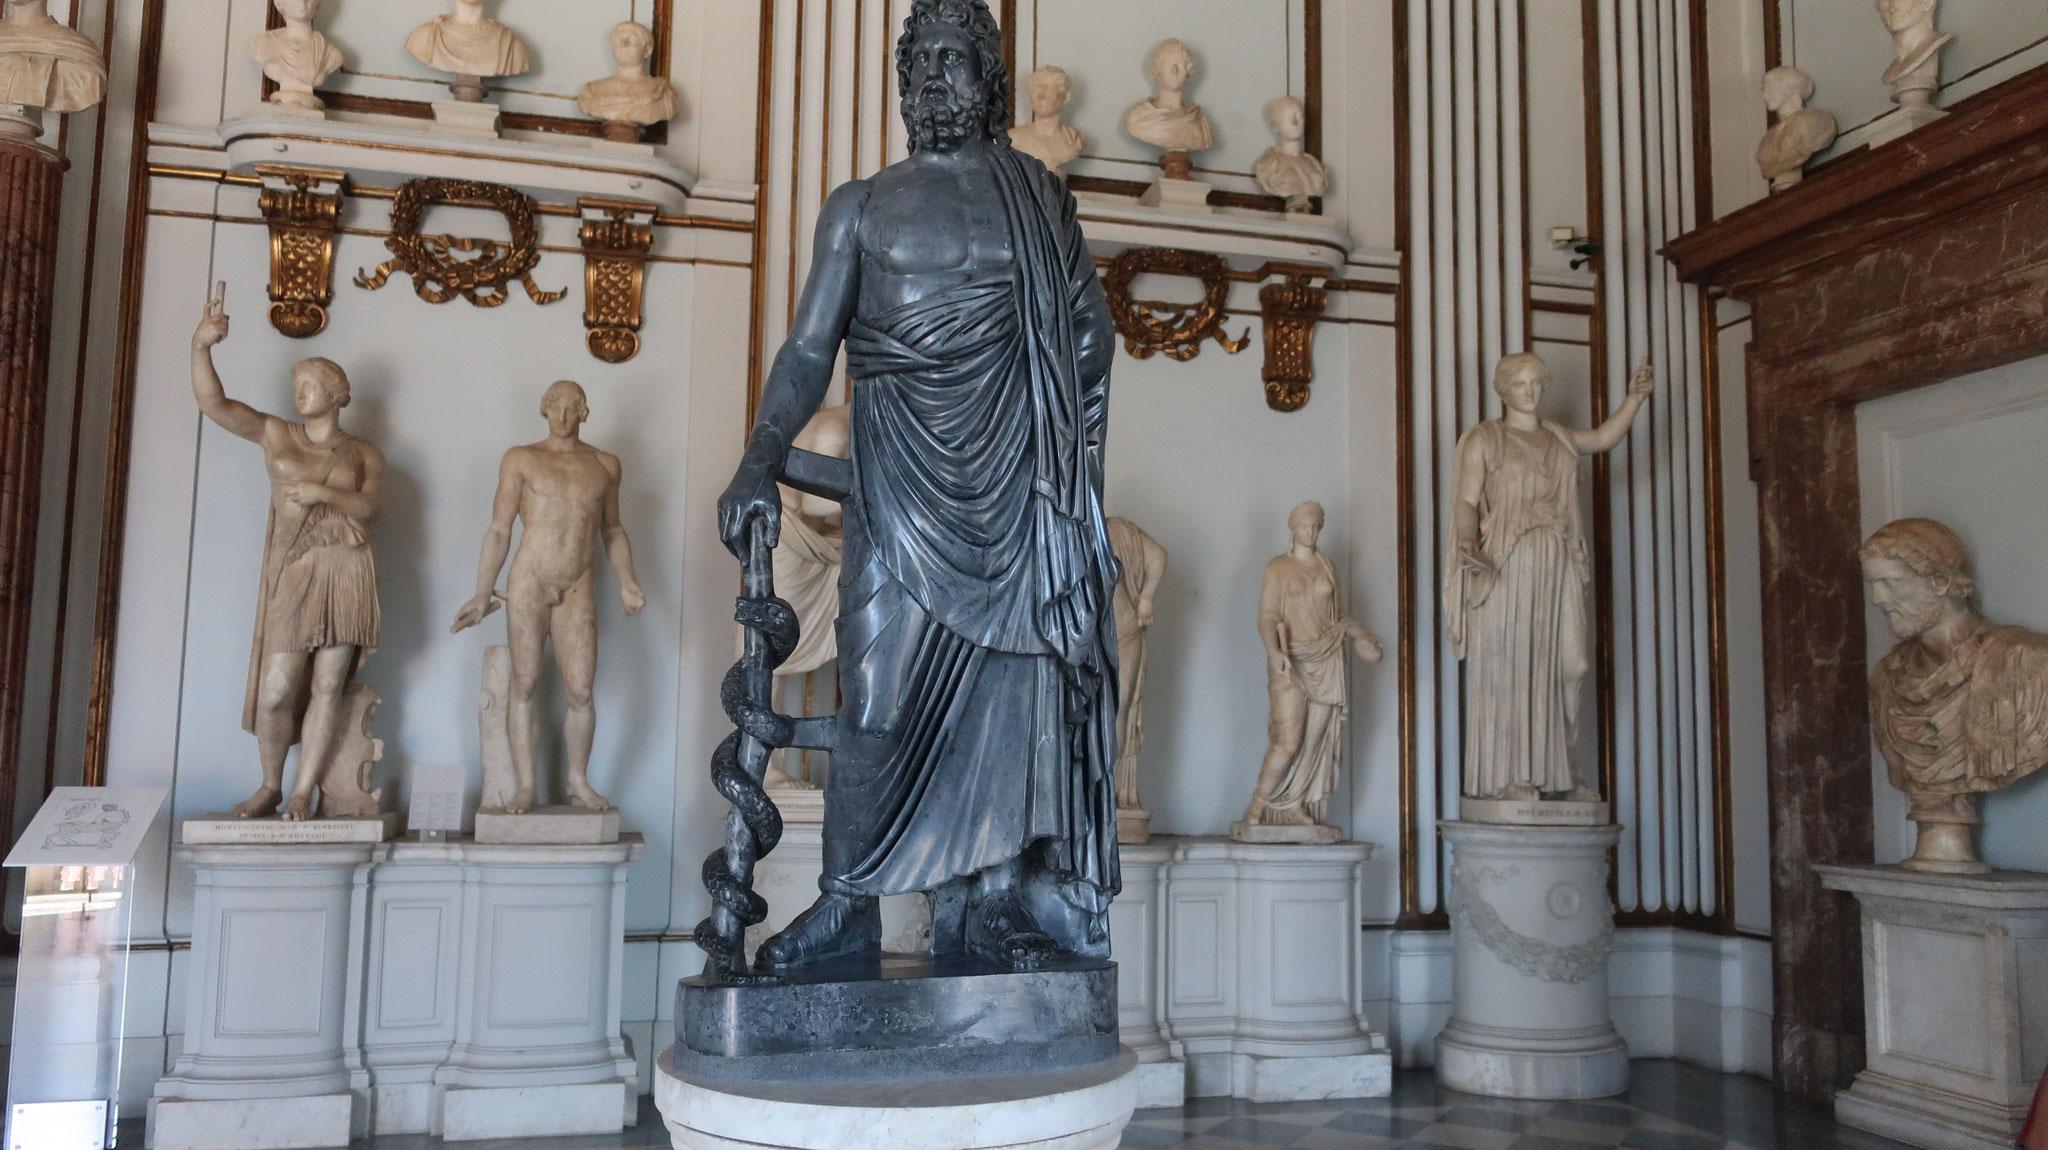 医神アスクレピオス像。生命の象徴である蛇が巻き付いた、アスクレピオスの杖を持ちます。